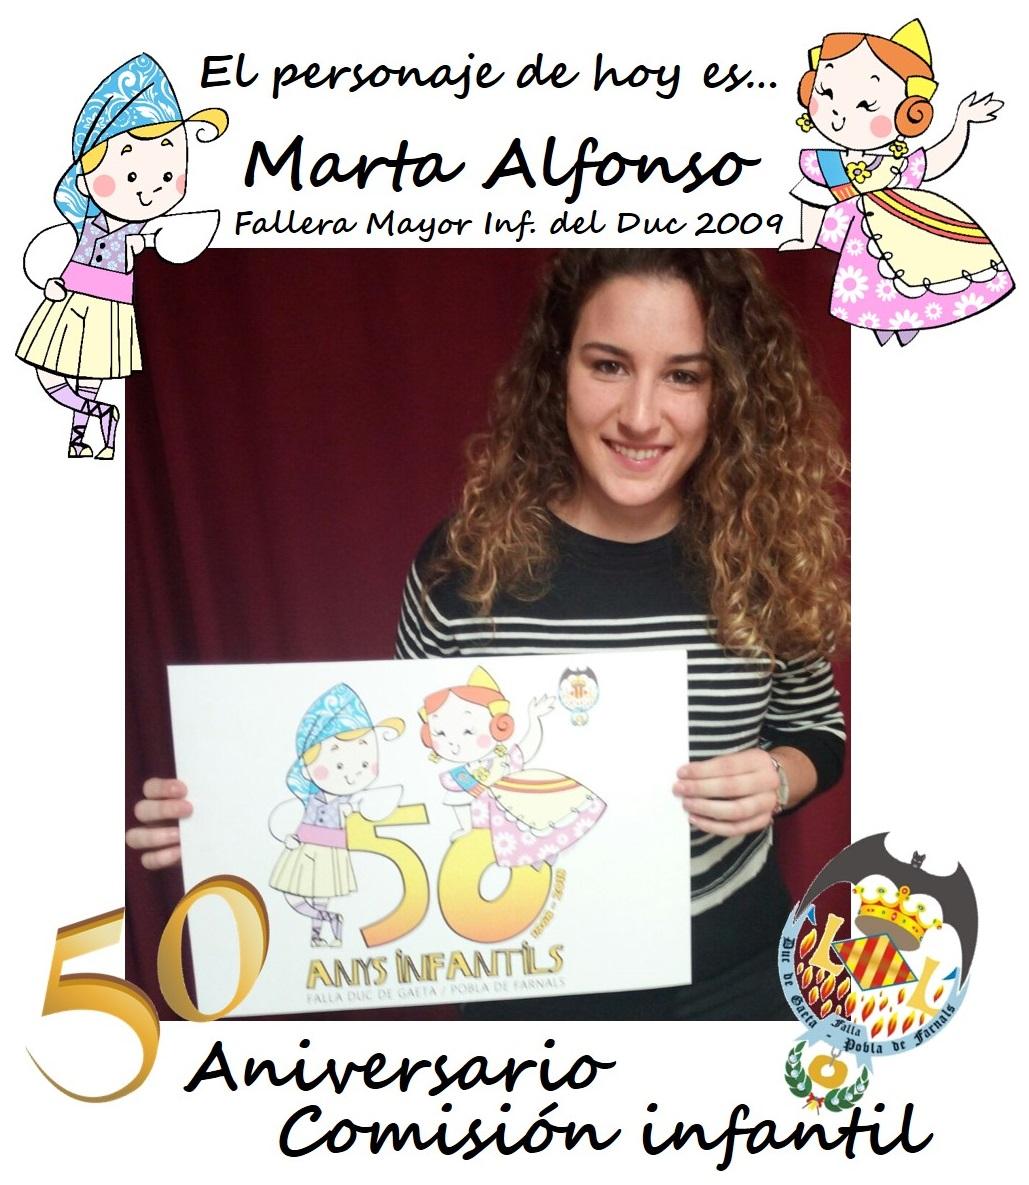 Personaje del día: Marta Alfonso